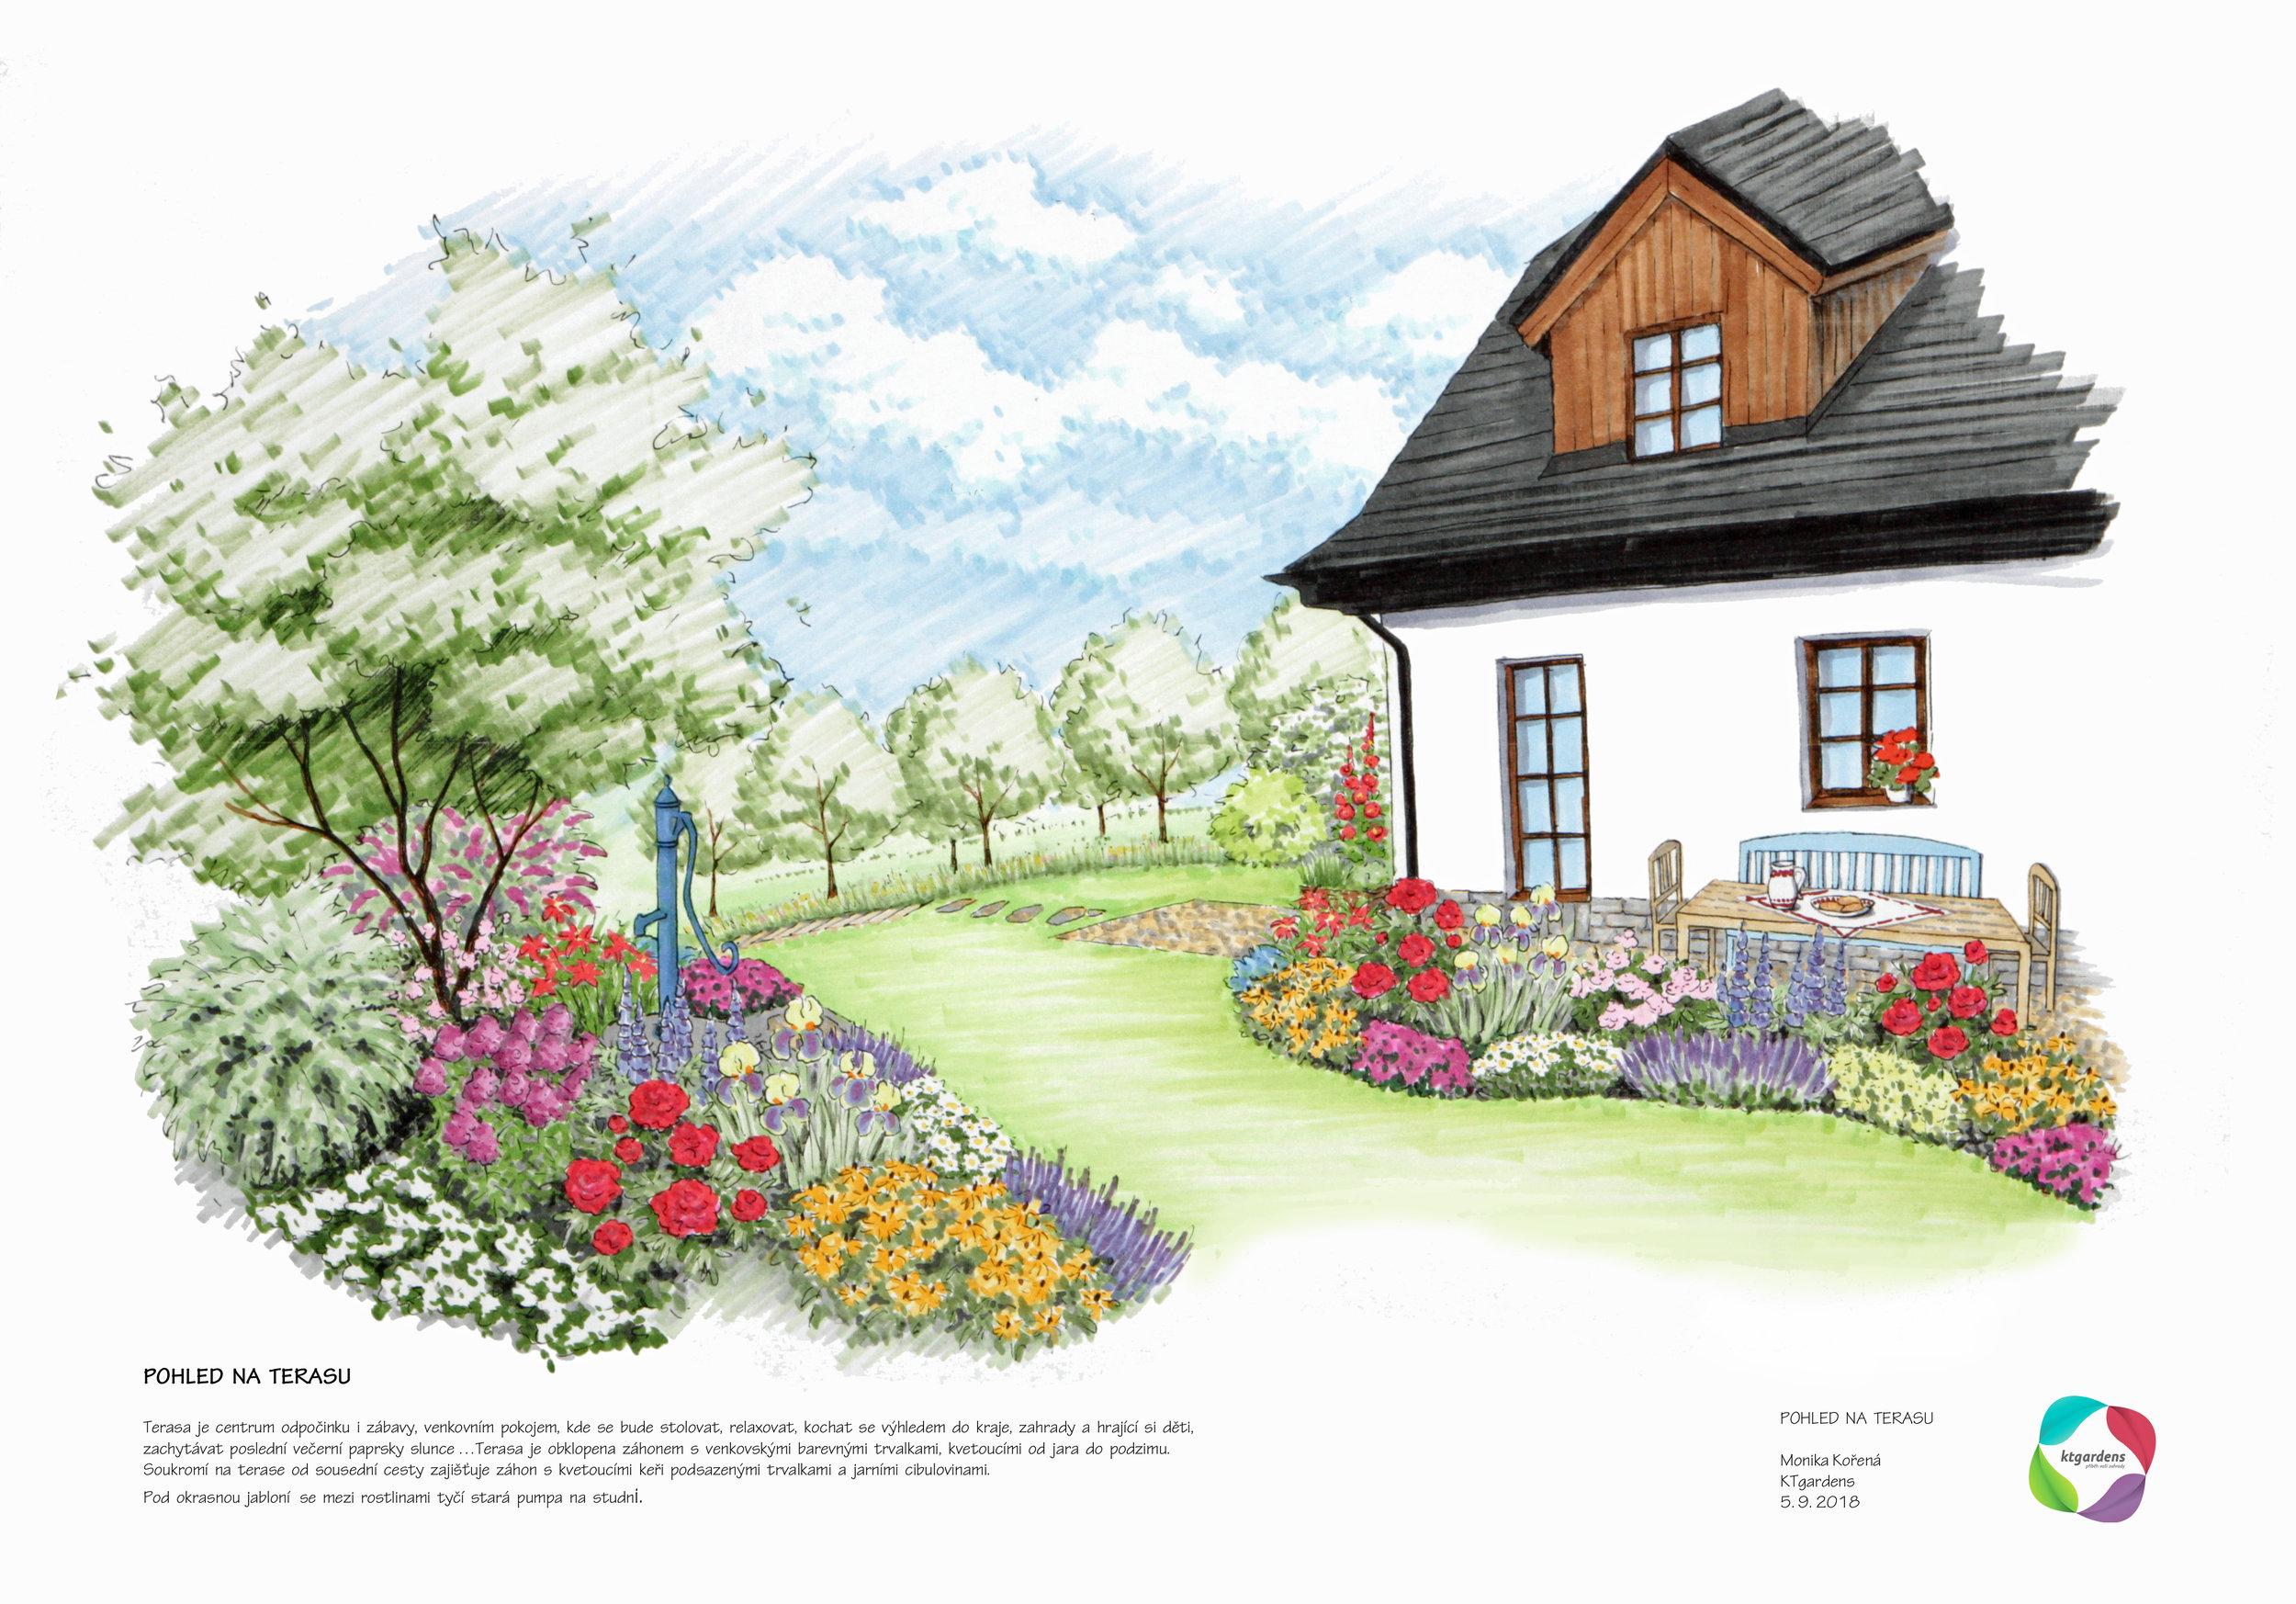 Návrh zahrady ve Vyšních Lhotách, venkovská zahrada, přírodní zahrada, rodinná zahrada, terasa, KTgardens